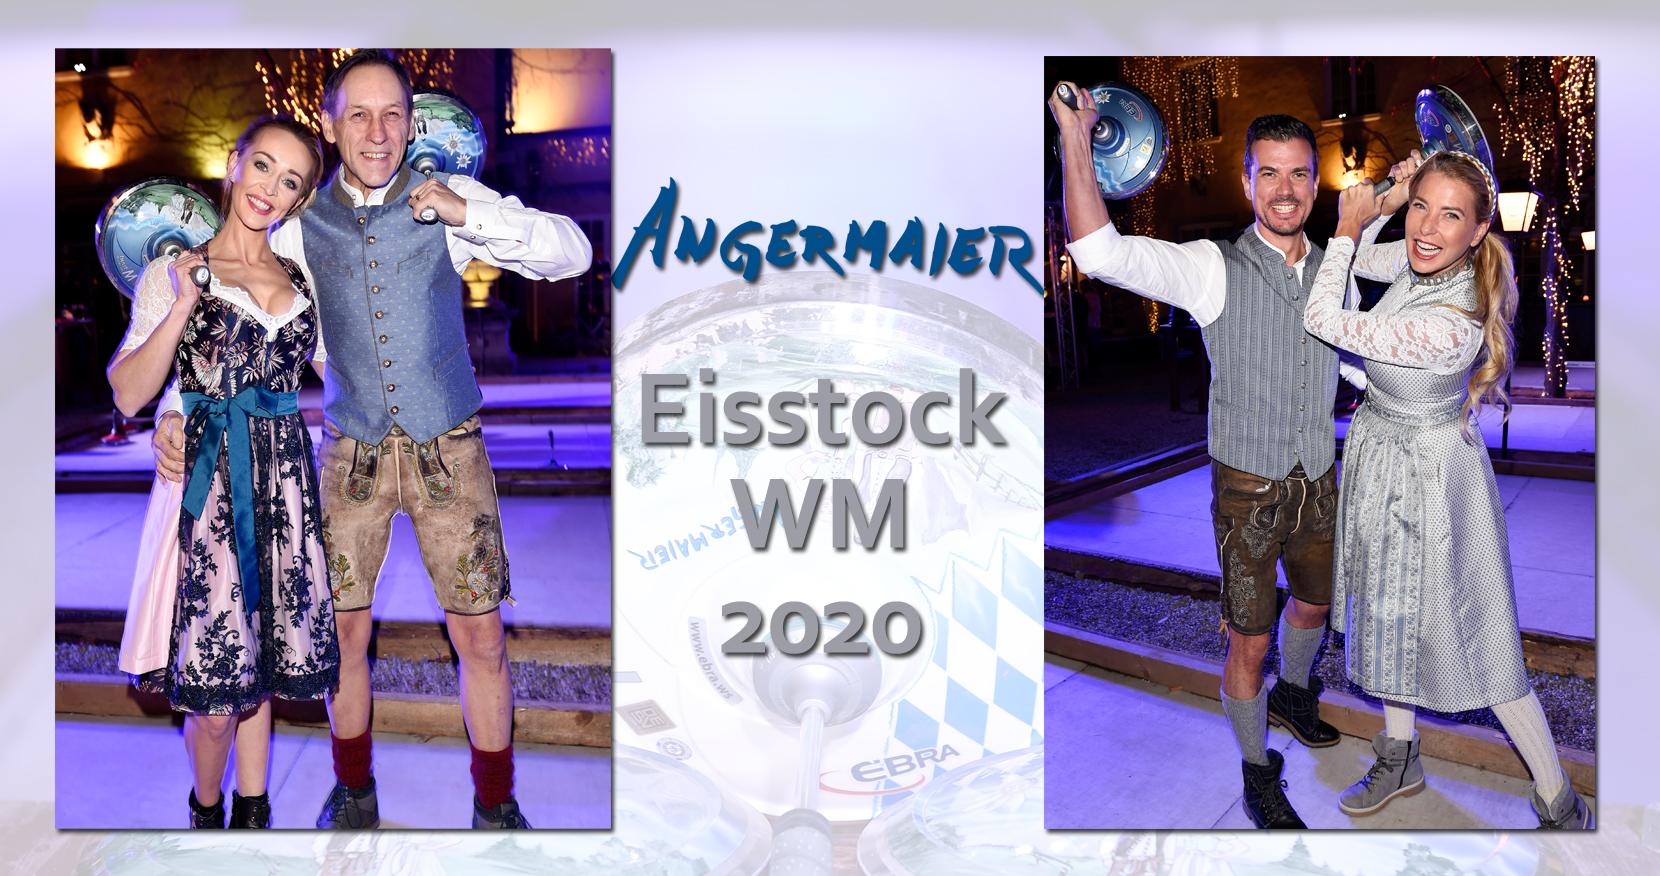 Eisstock-WM in Tracht